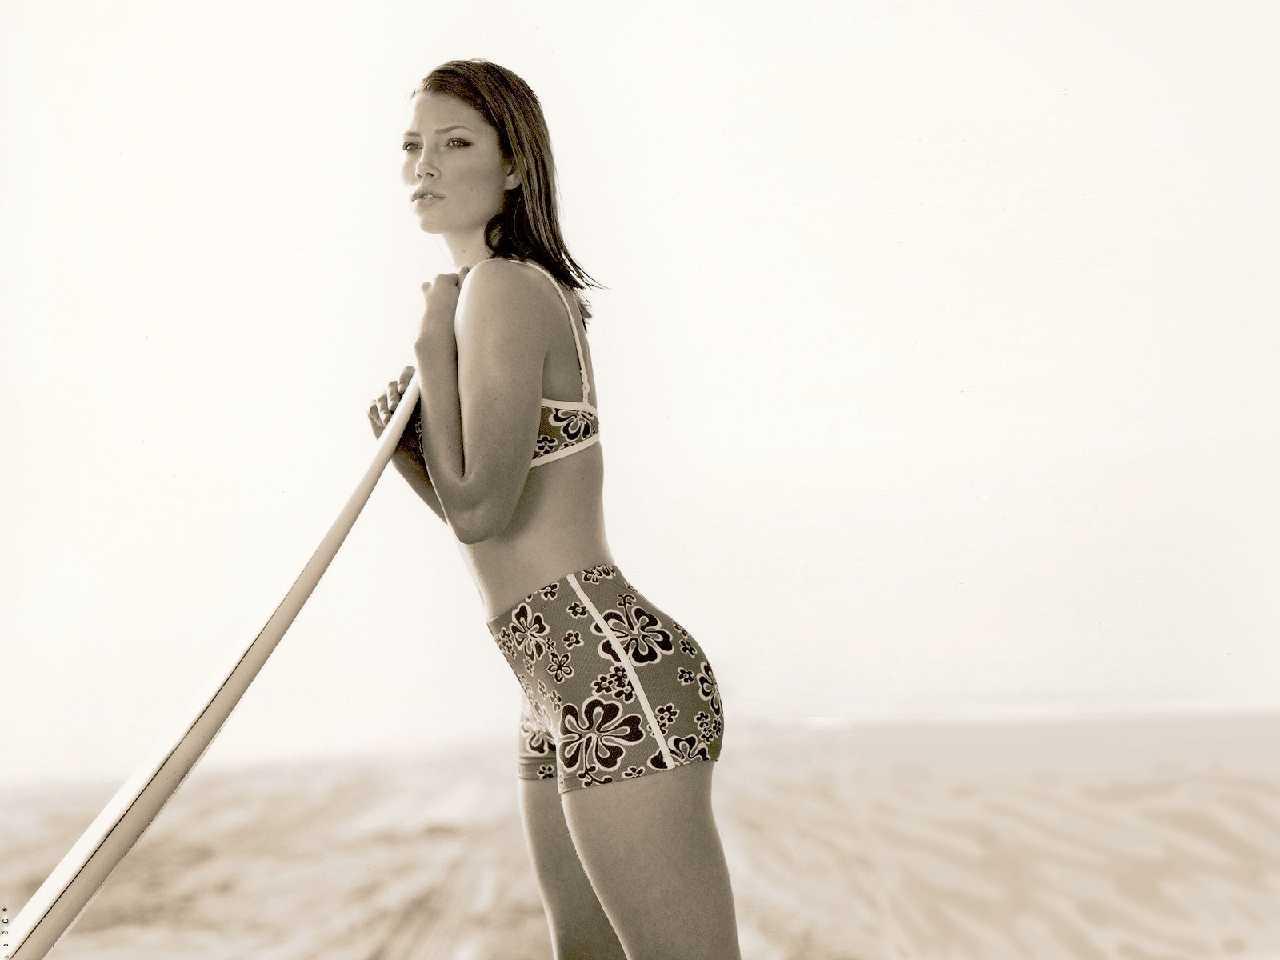 http://1.bp.blogspot.com/-ufP3XUy9730/TraQ8ijsjkI/AAAAAAAAiF0/3lexP3v9odI/s1600/Jessica+Biel%25E2%2580%2599s+Hottest+Bikini+Pics+61.jpg